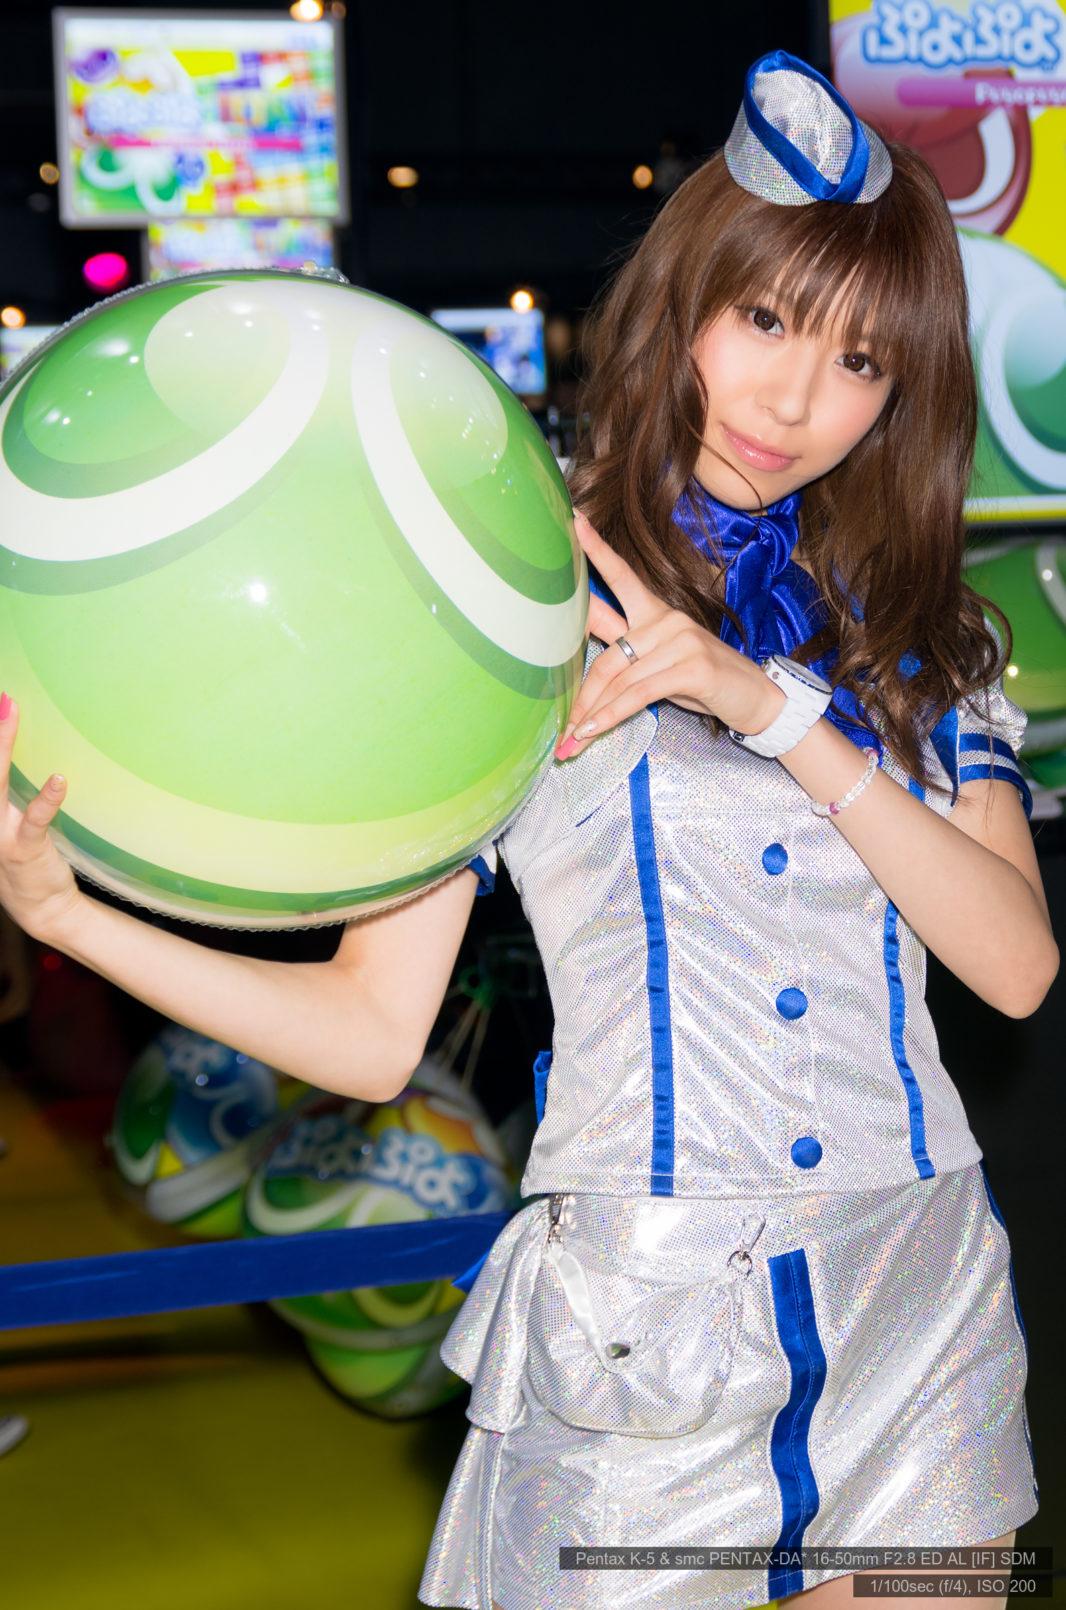 菊原藍子さん@東京ゲームショウ2013 | PENTAX K-5&DA★16-50mm&AF540FGZ